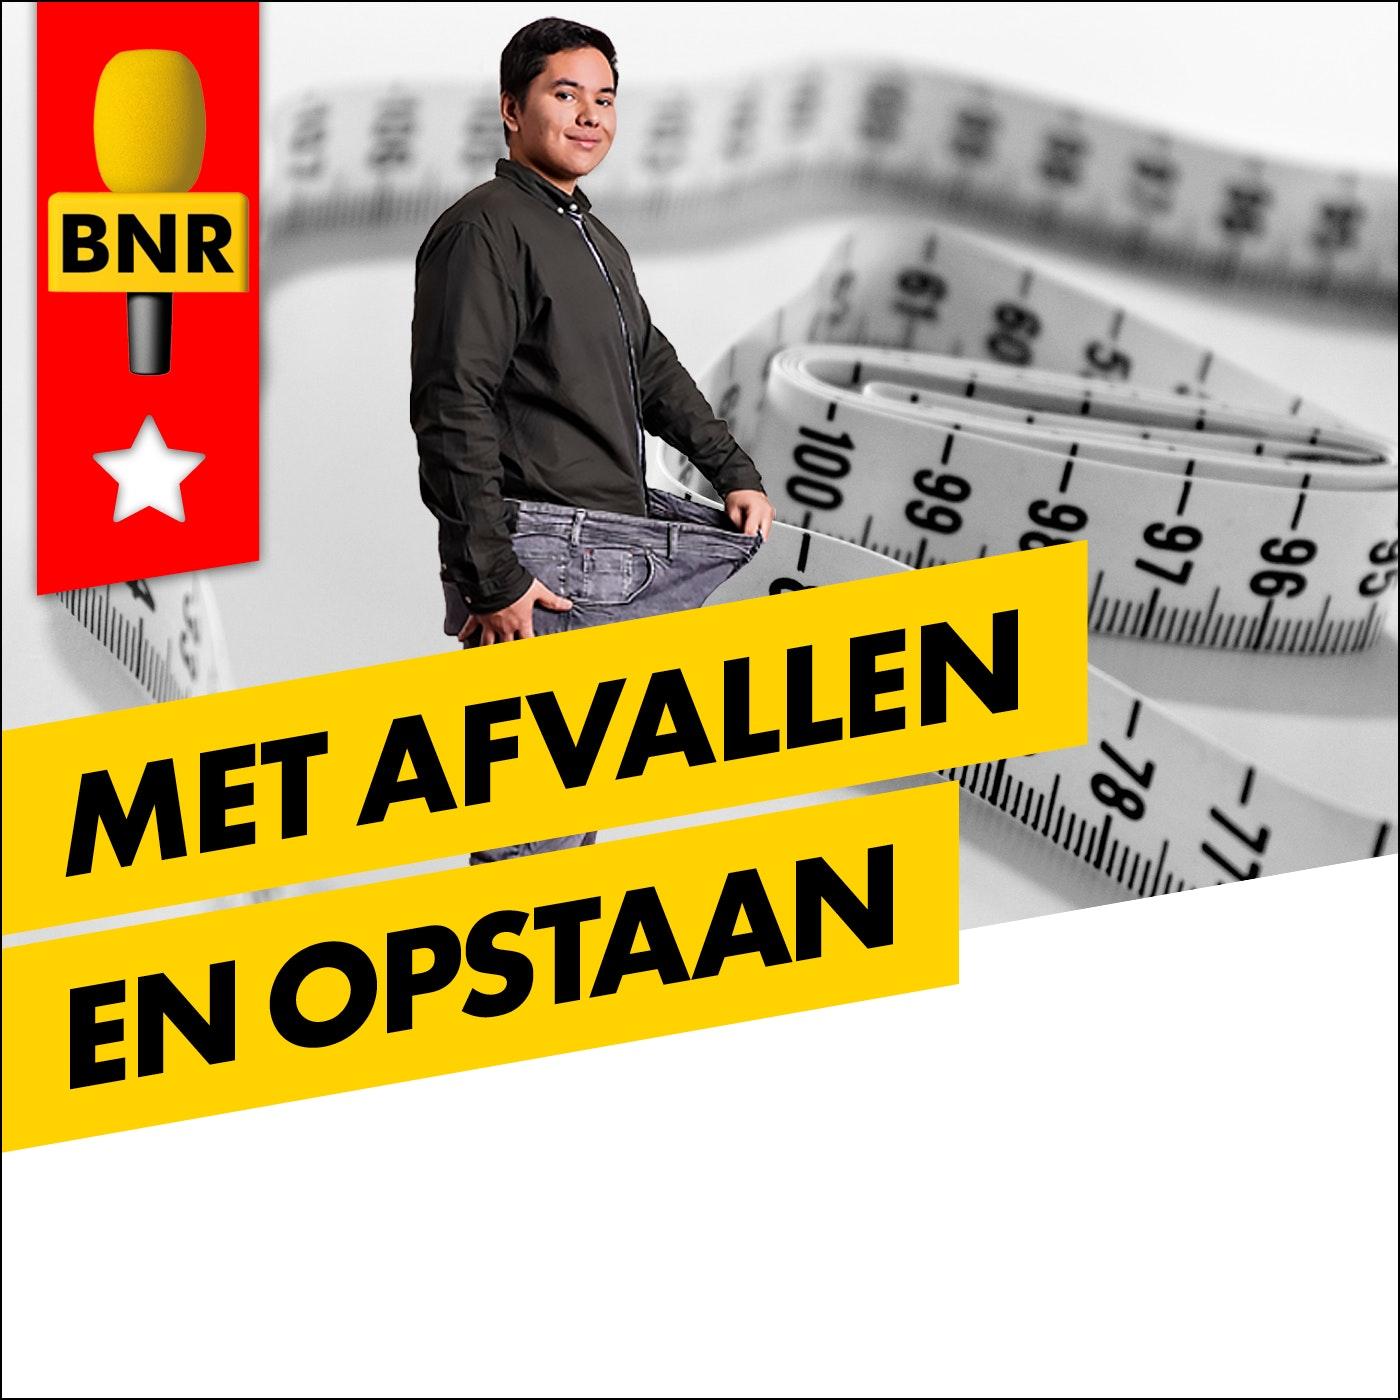 Met Afvallen en Opstaan   BNR logo